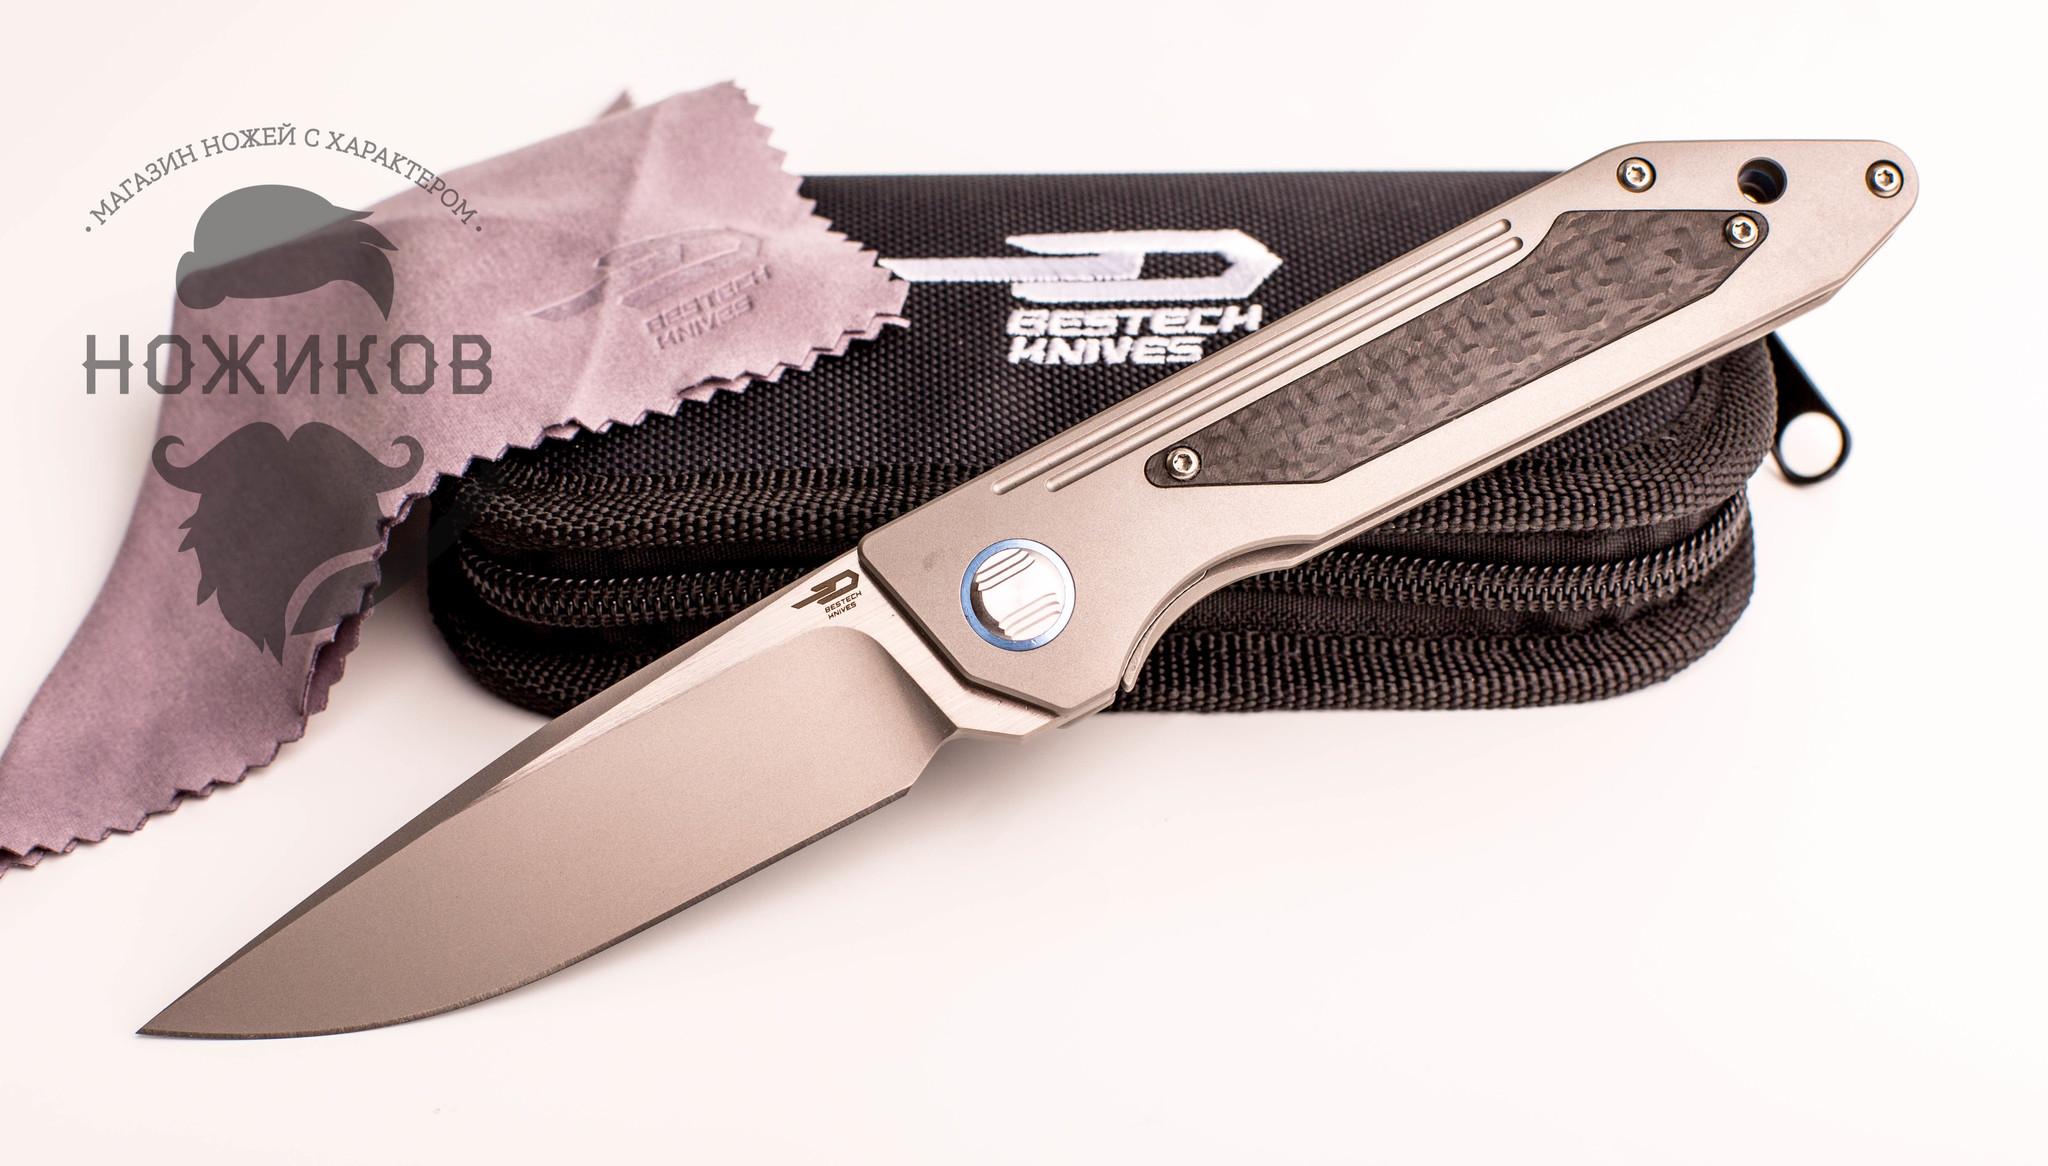 Складной нож Bestech SHINKANSEN BT1803A, сталь CPM-S35VN, рукоять титан складной нож bestech predator limited edition black bt1706d сталь cpm s35vn рукоять титан